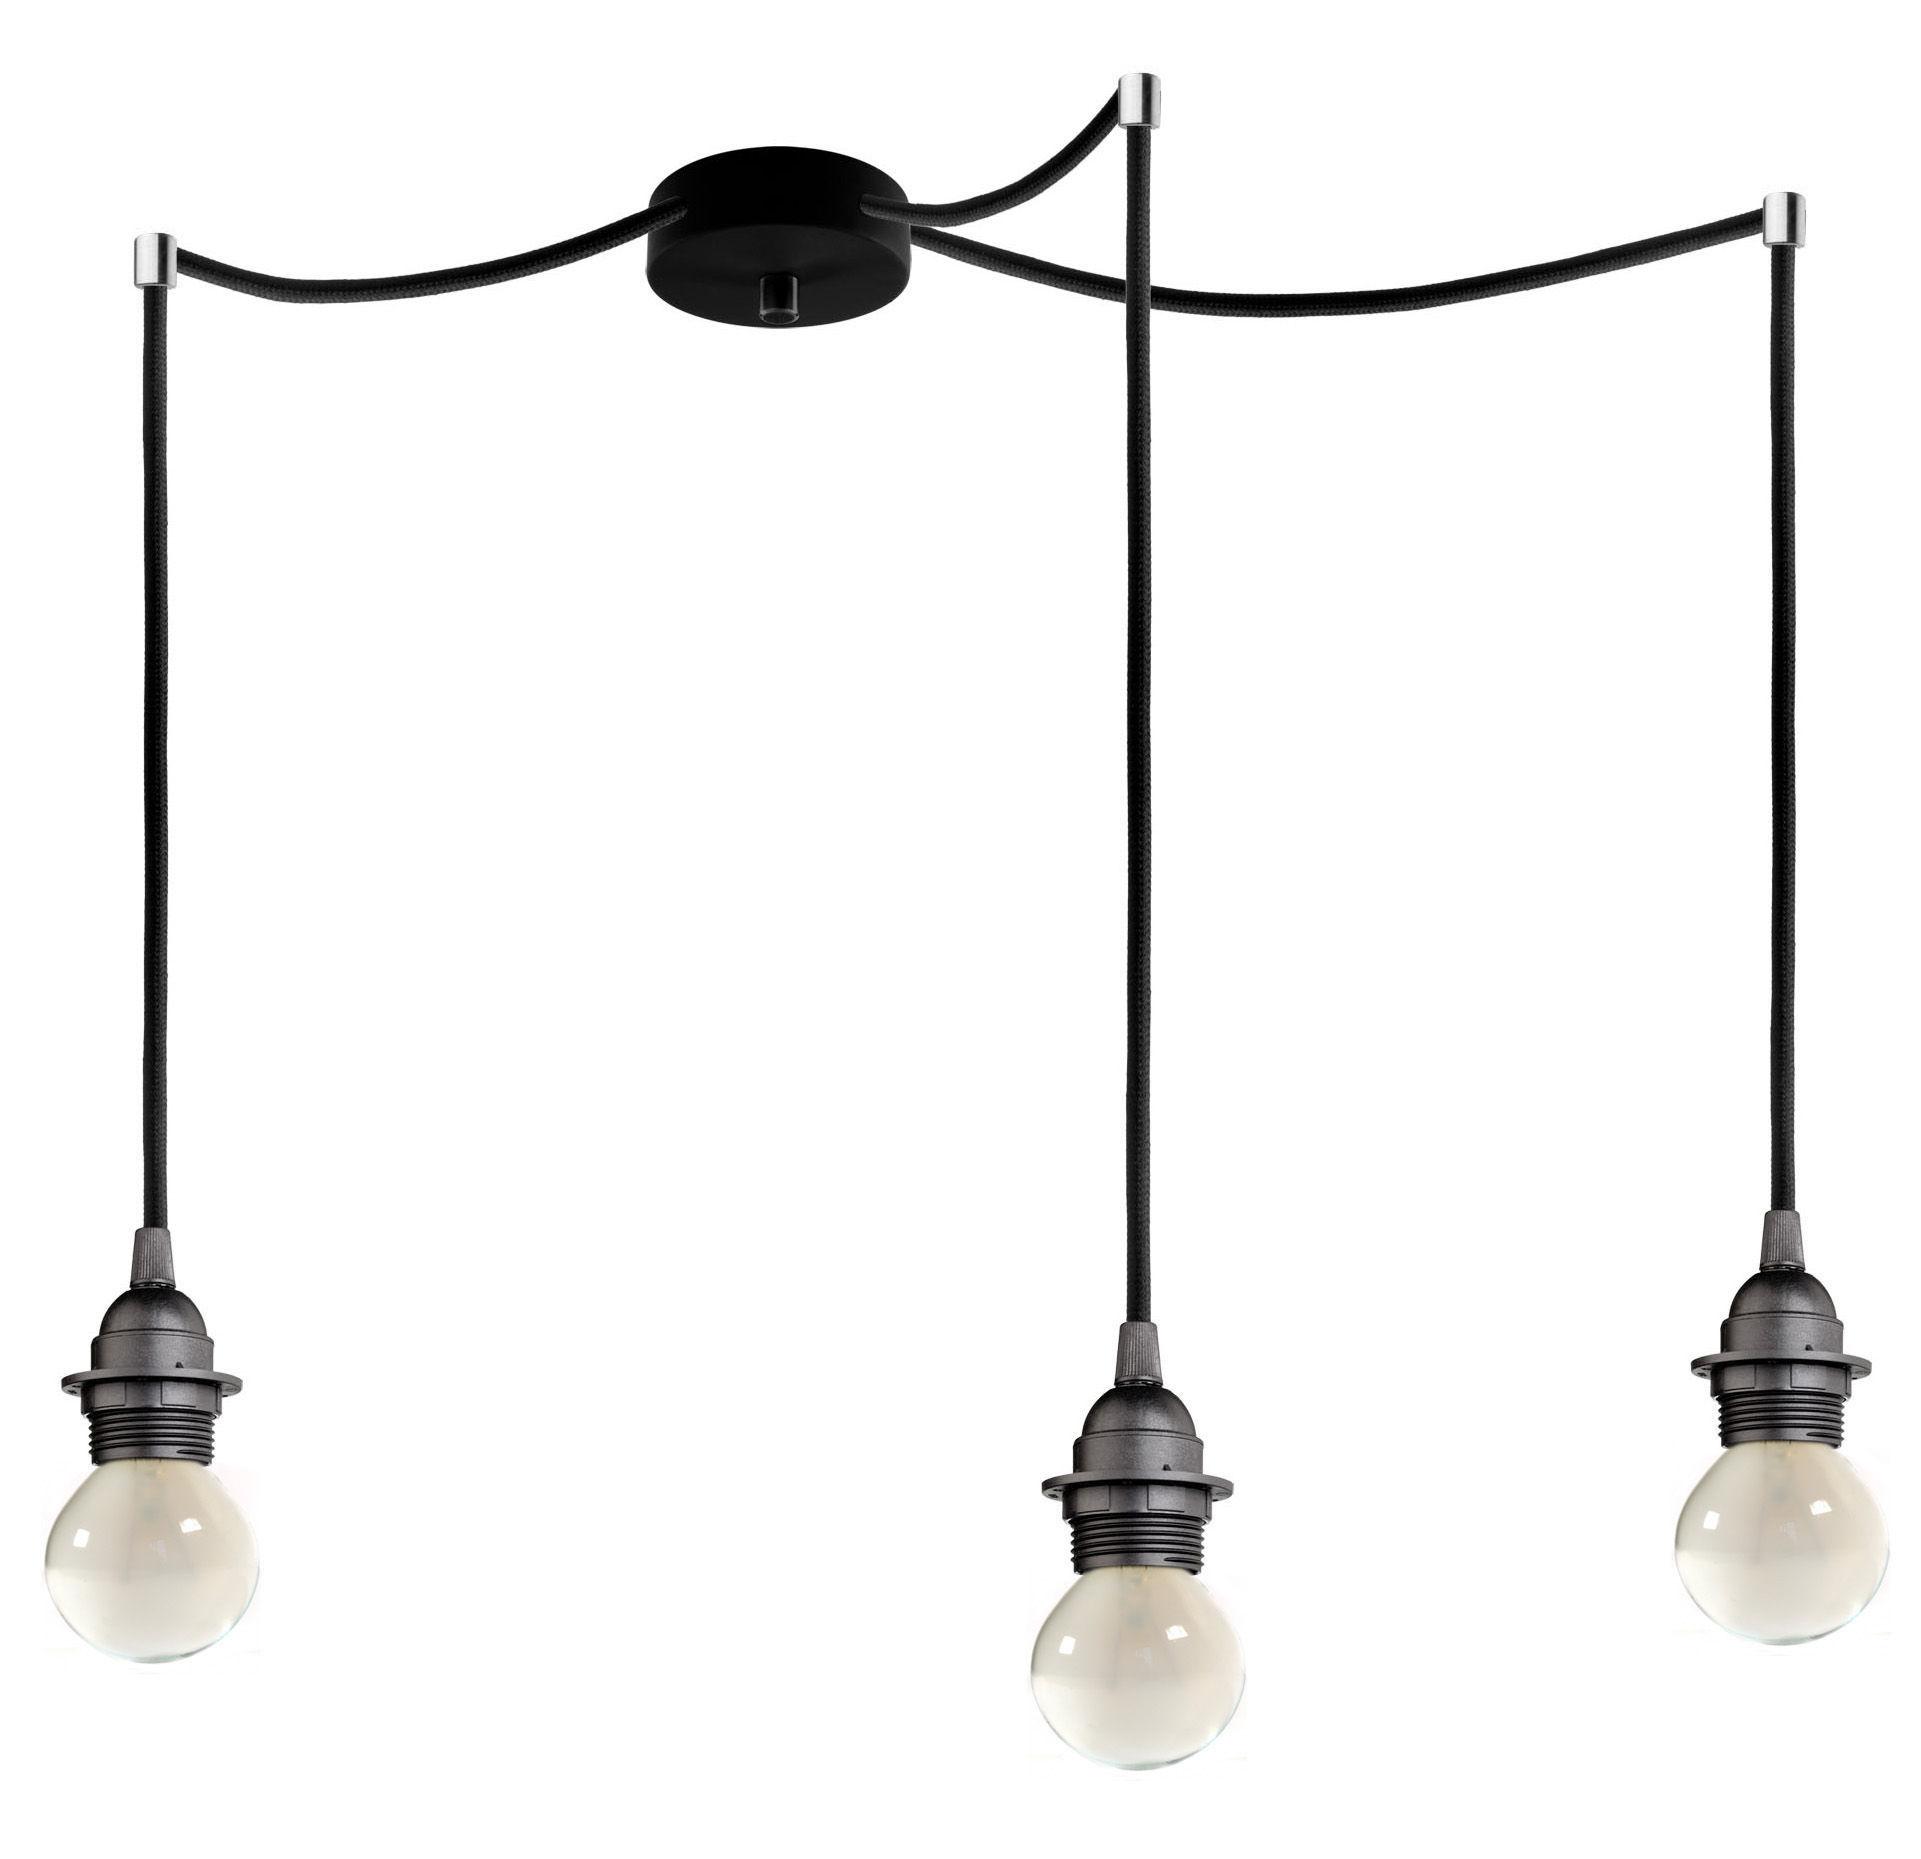 Luminaire 3 suspension